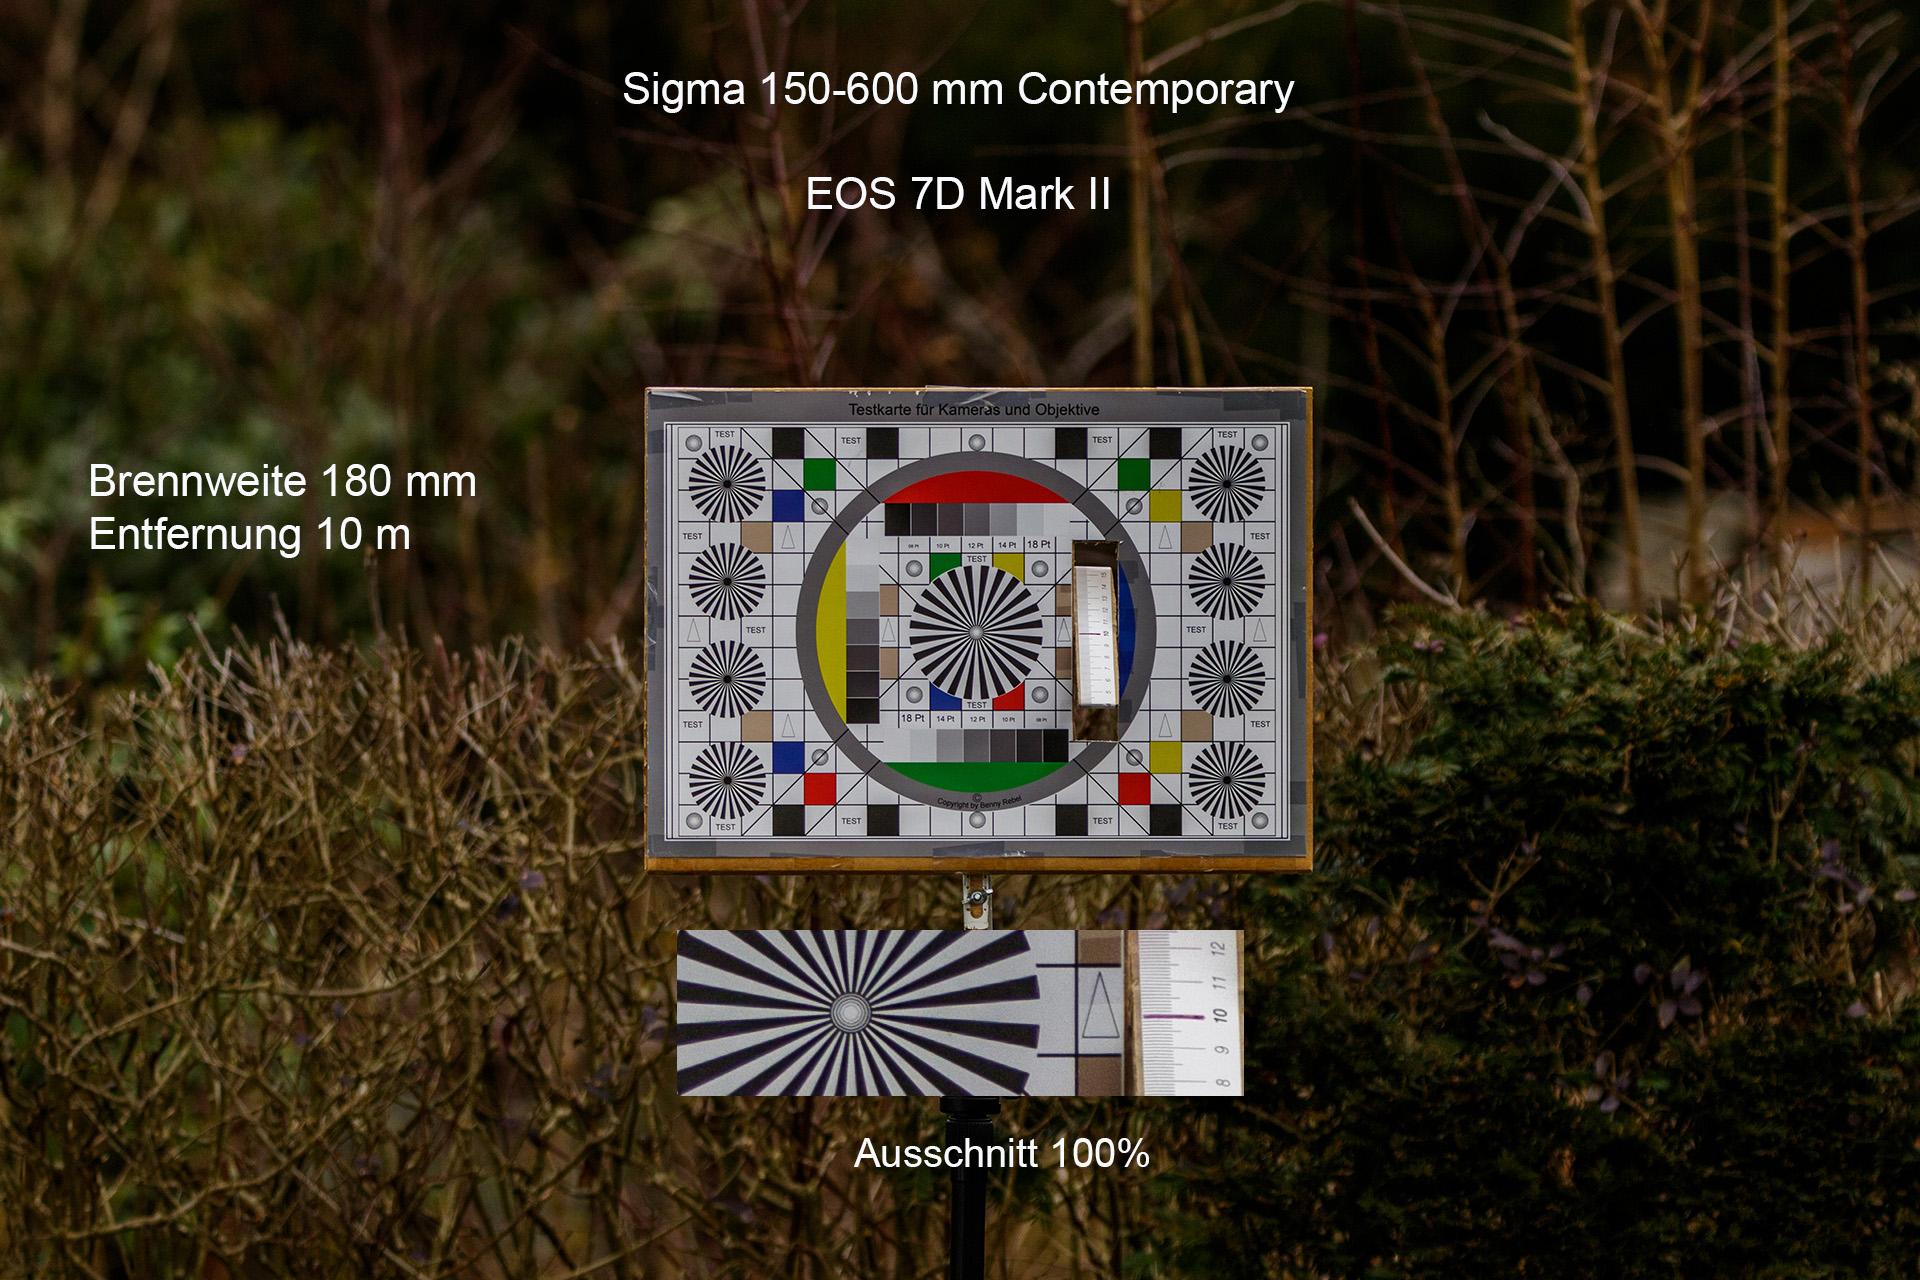 Testaufnahmen, Sigma 150-600 mm, 7D Mark II, Entfernung 10 Meter